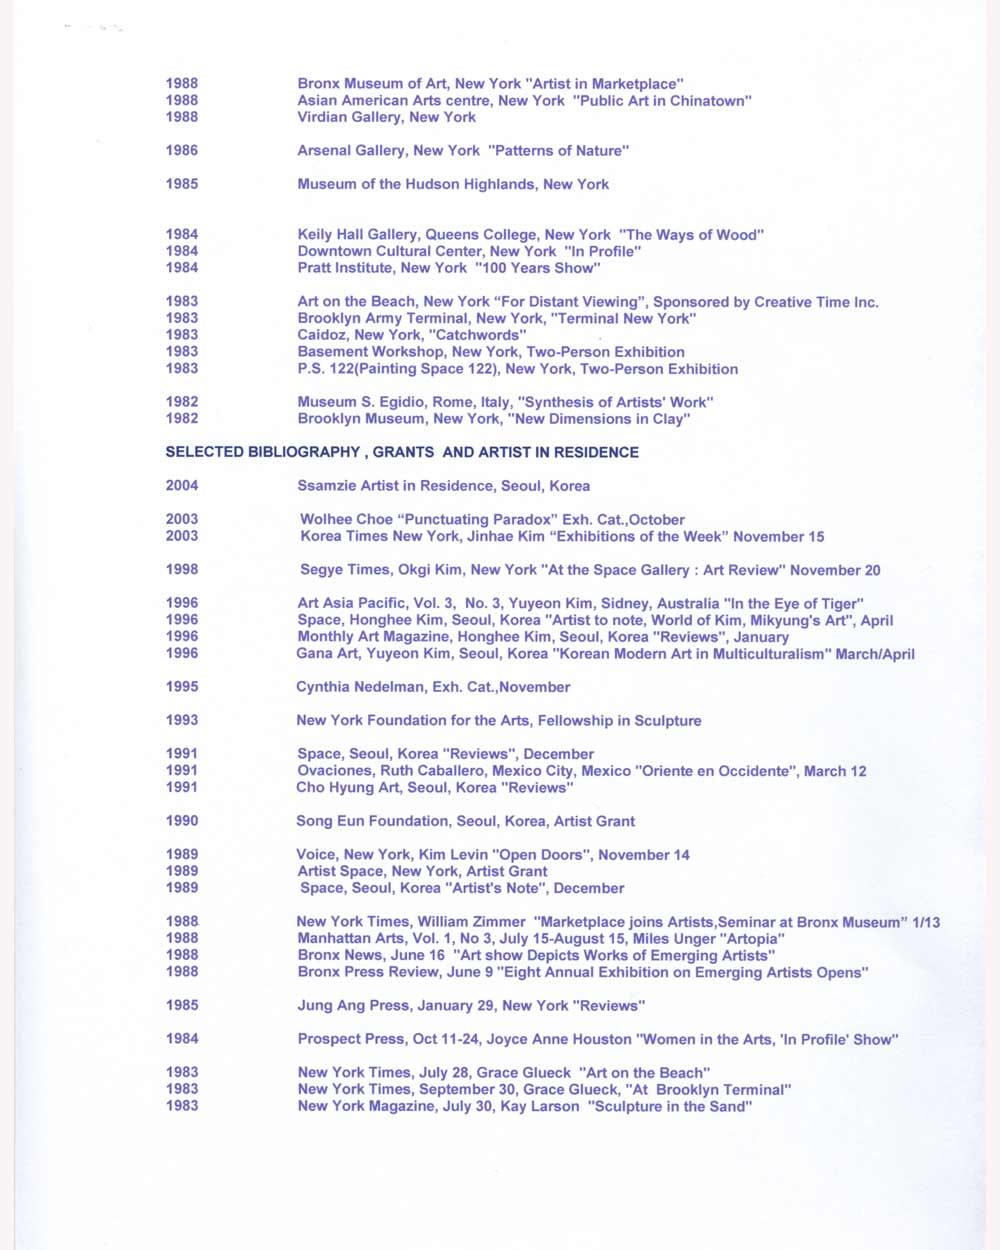 Mikyung Kim's Resume, pg 2